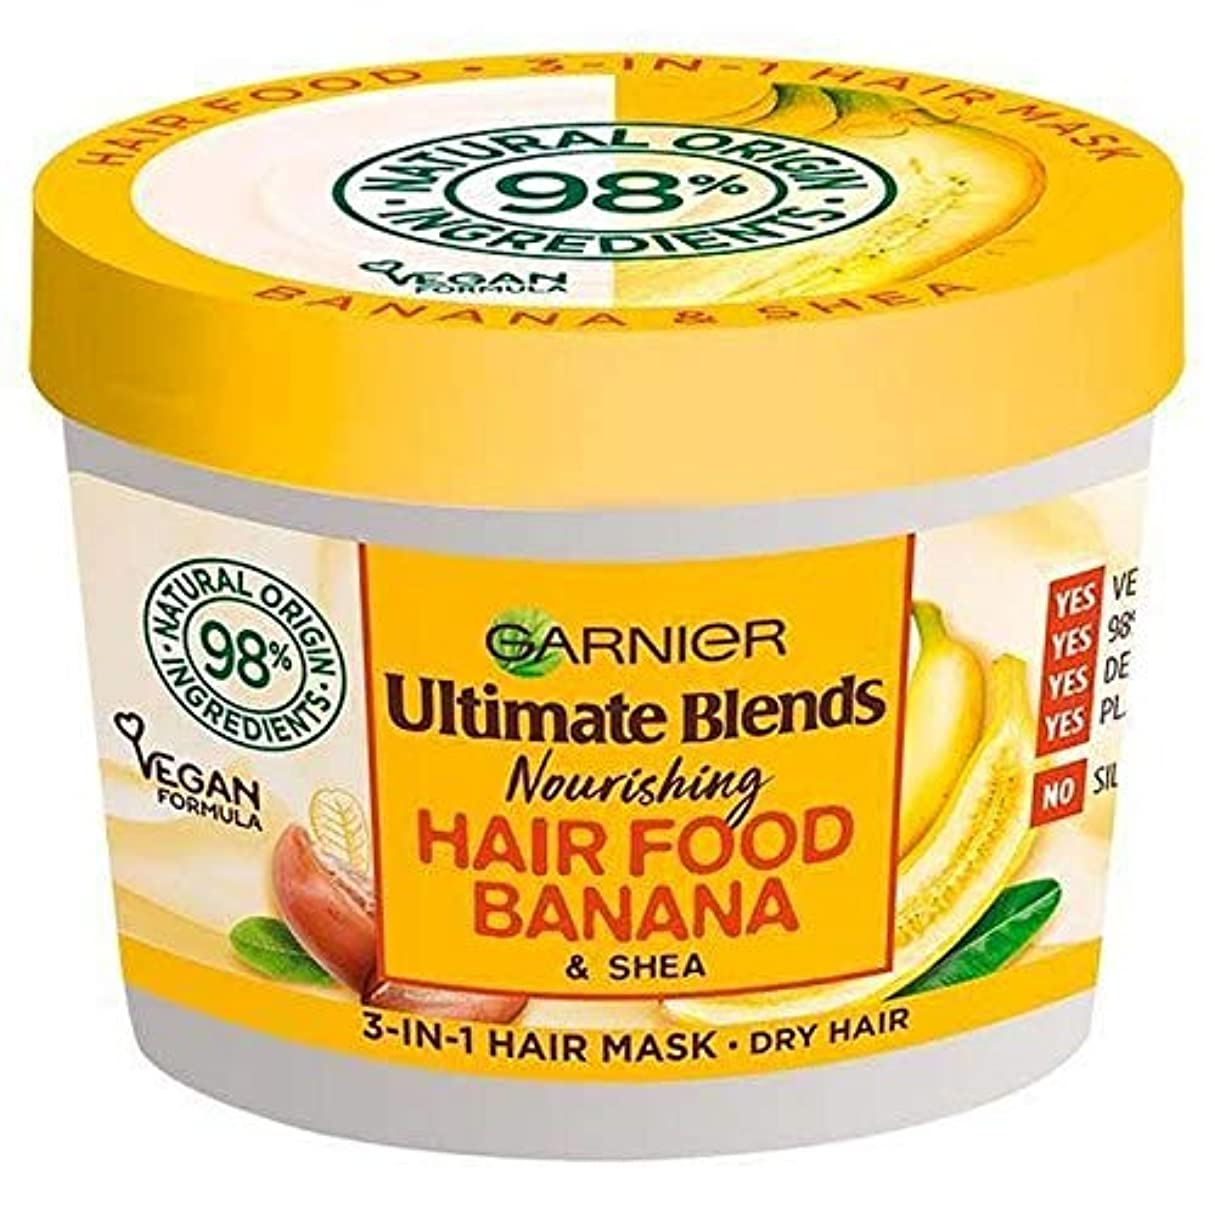 期待するムスタチオガロン[Garnier ] ガルニエ究極は1つのマスク390ミリリットルでヘア食品バナナ3をブレンド - Garnier Ultimate Blends Hair Food Banana 3 in 1 Mask 390ml [...